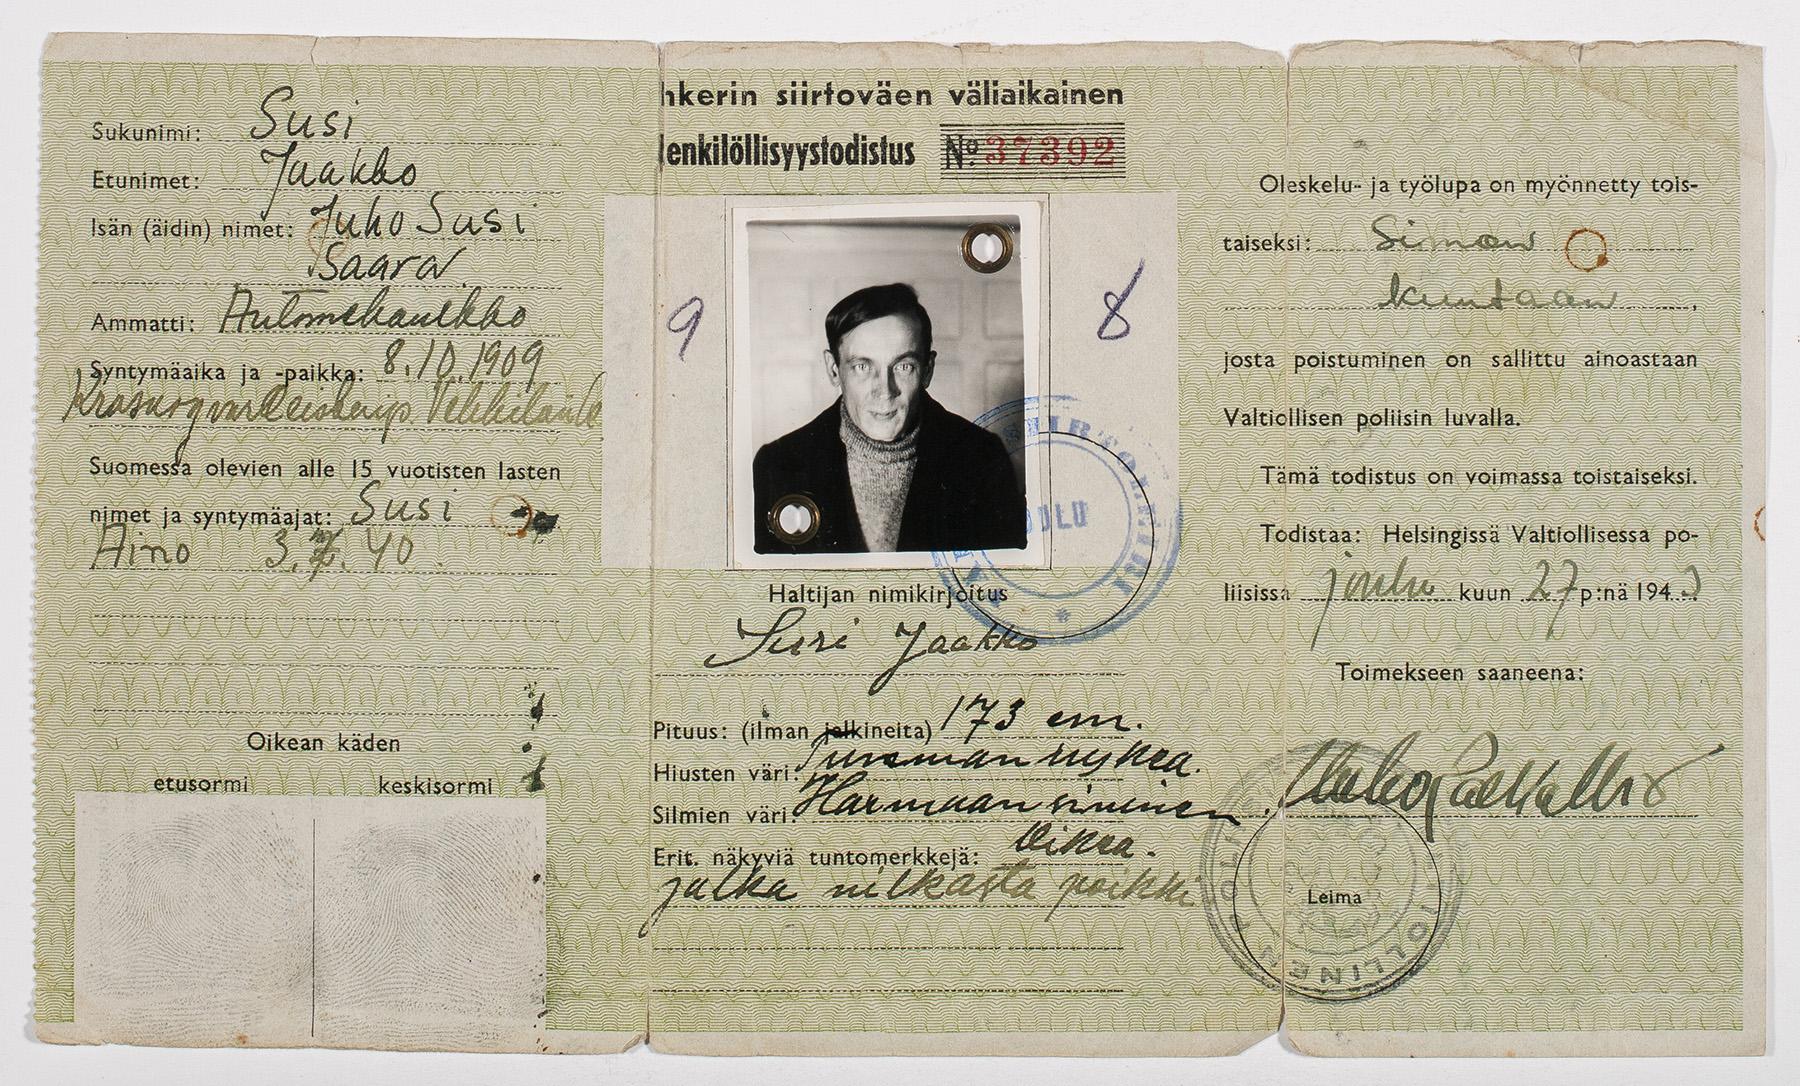 Jaakko Sudelle 27.12.1943 myönnetty Inkerin siirtoväen väliaikainen henkilöllisyystodistus. SKS KIA, Helena ja Jaakko Suden sukuarkisto. CC BY 4.0